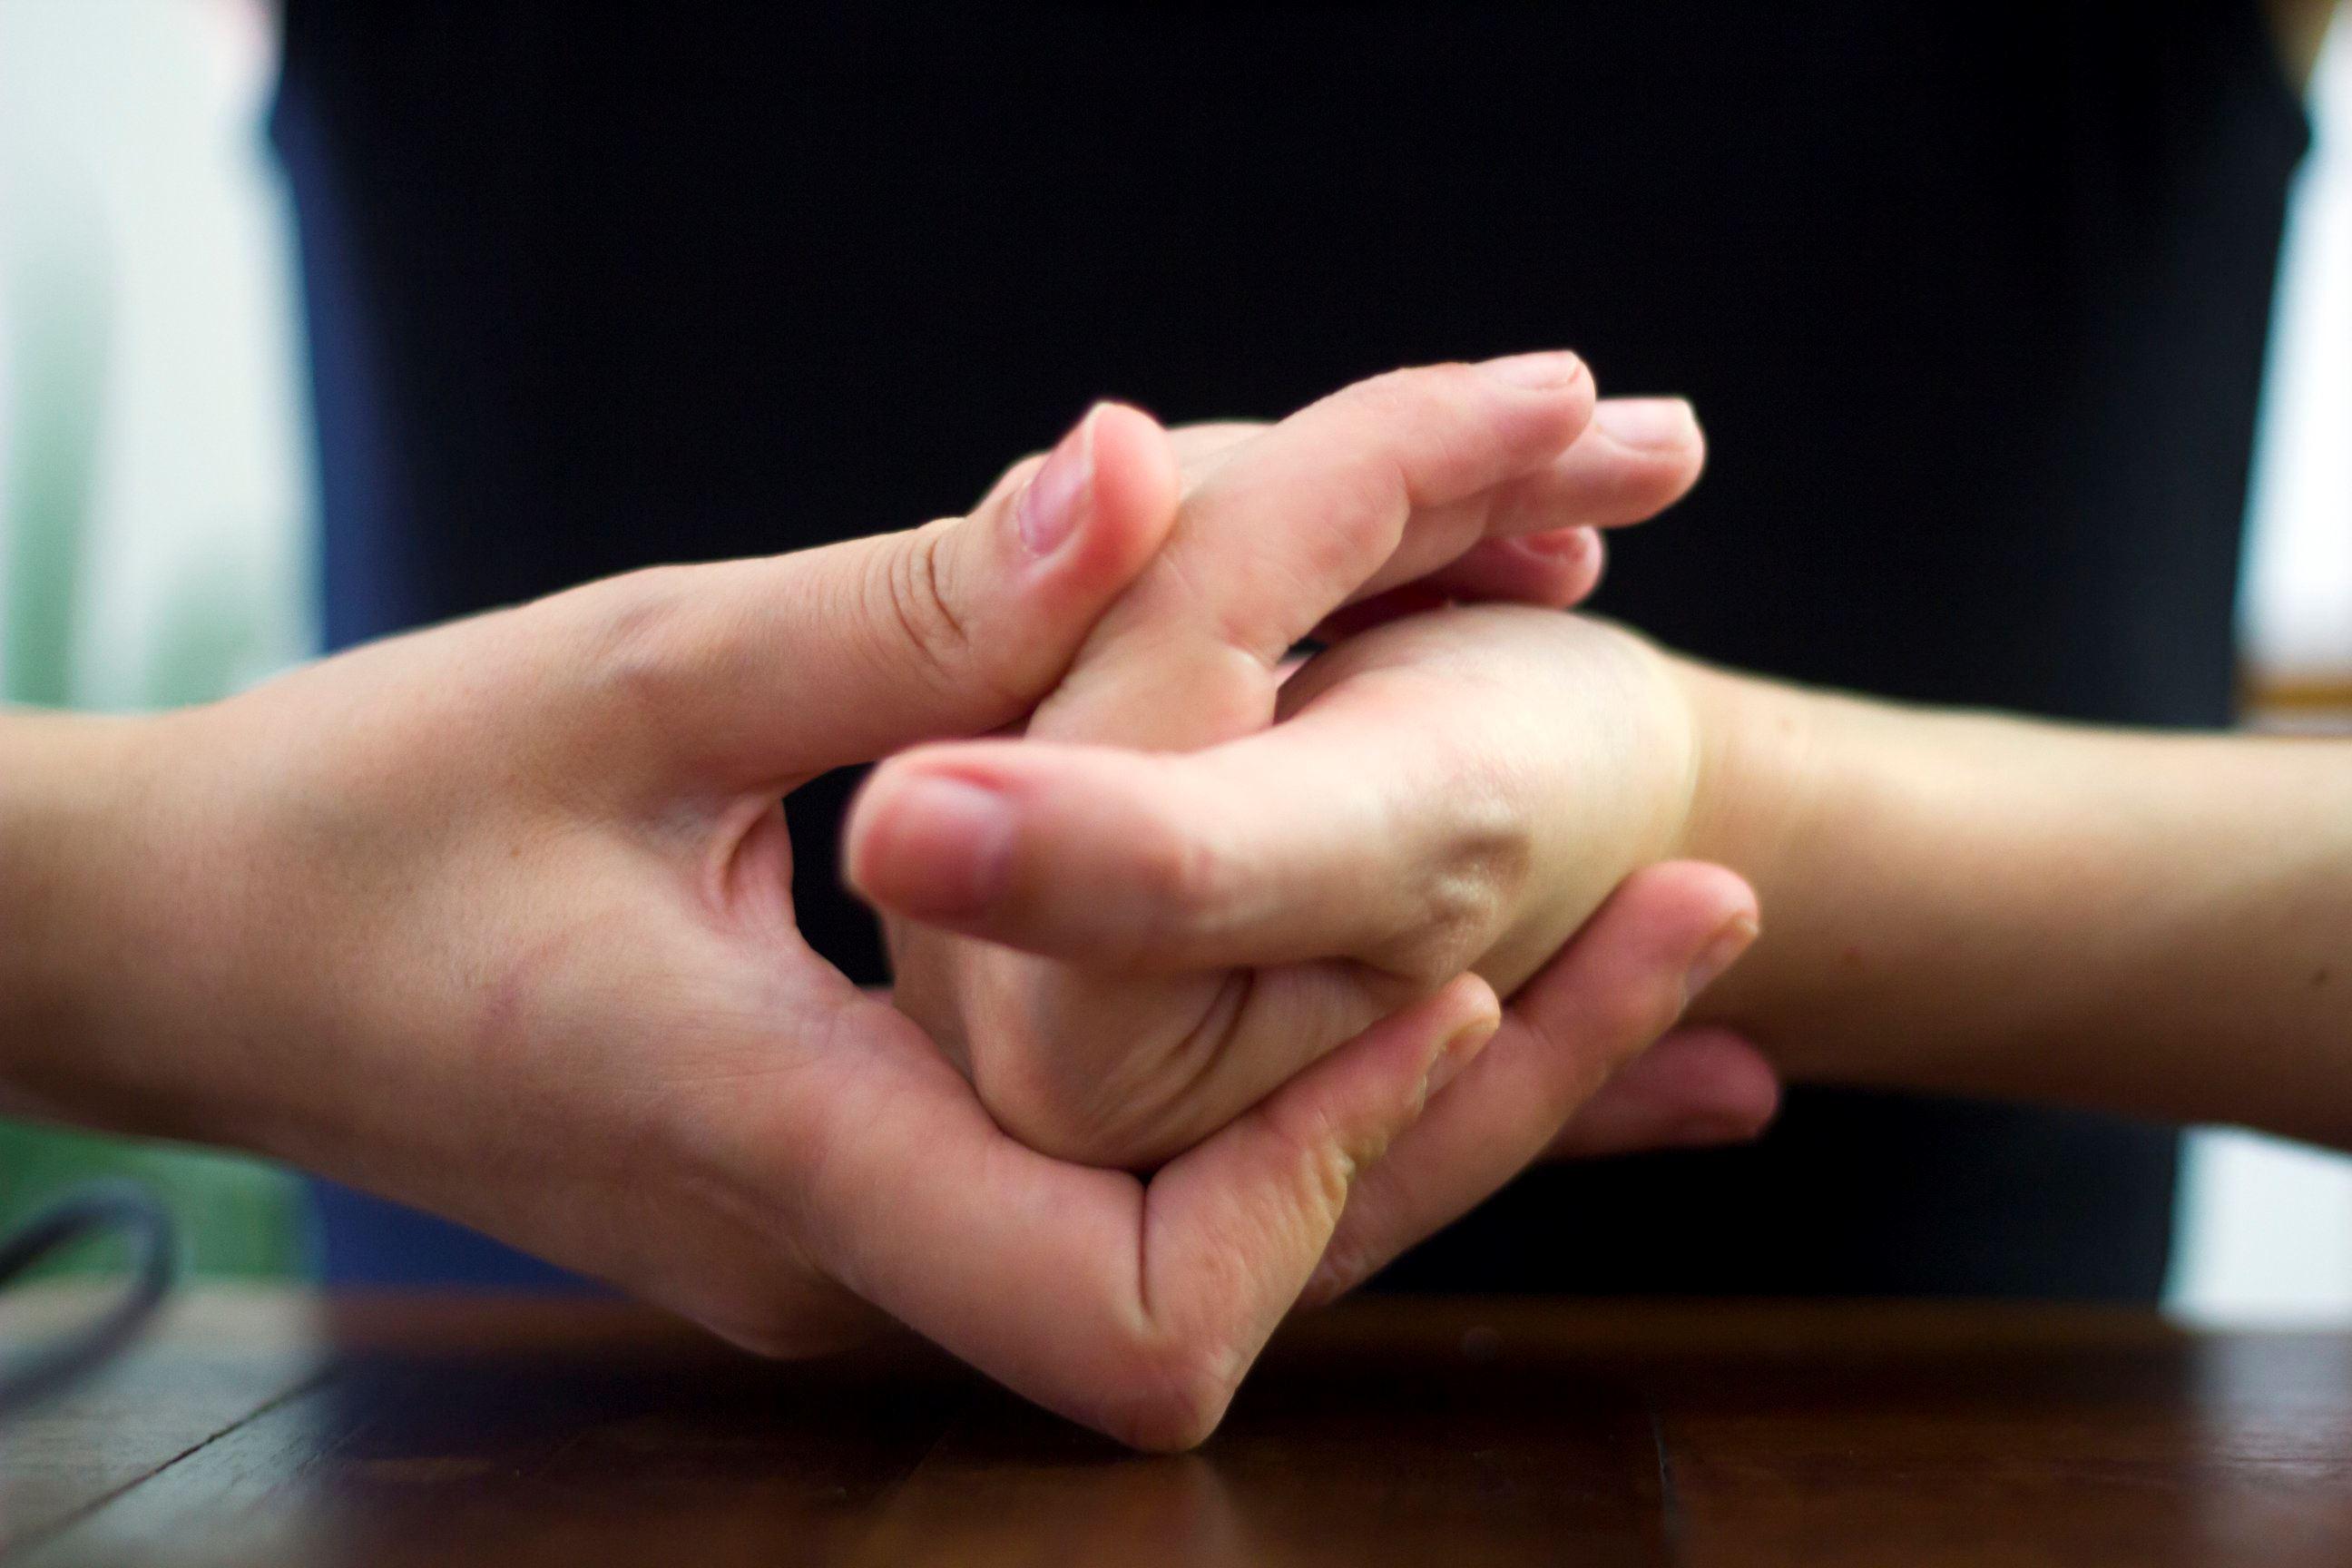 betul ke tabiat letupkan jari bahayakan kesihatan?